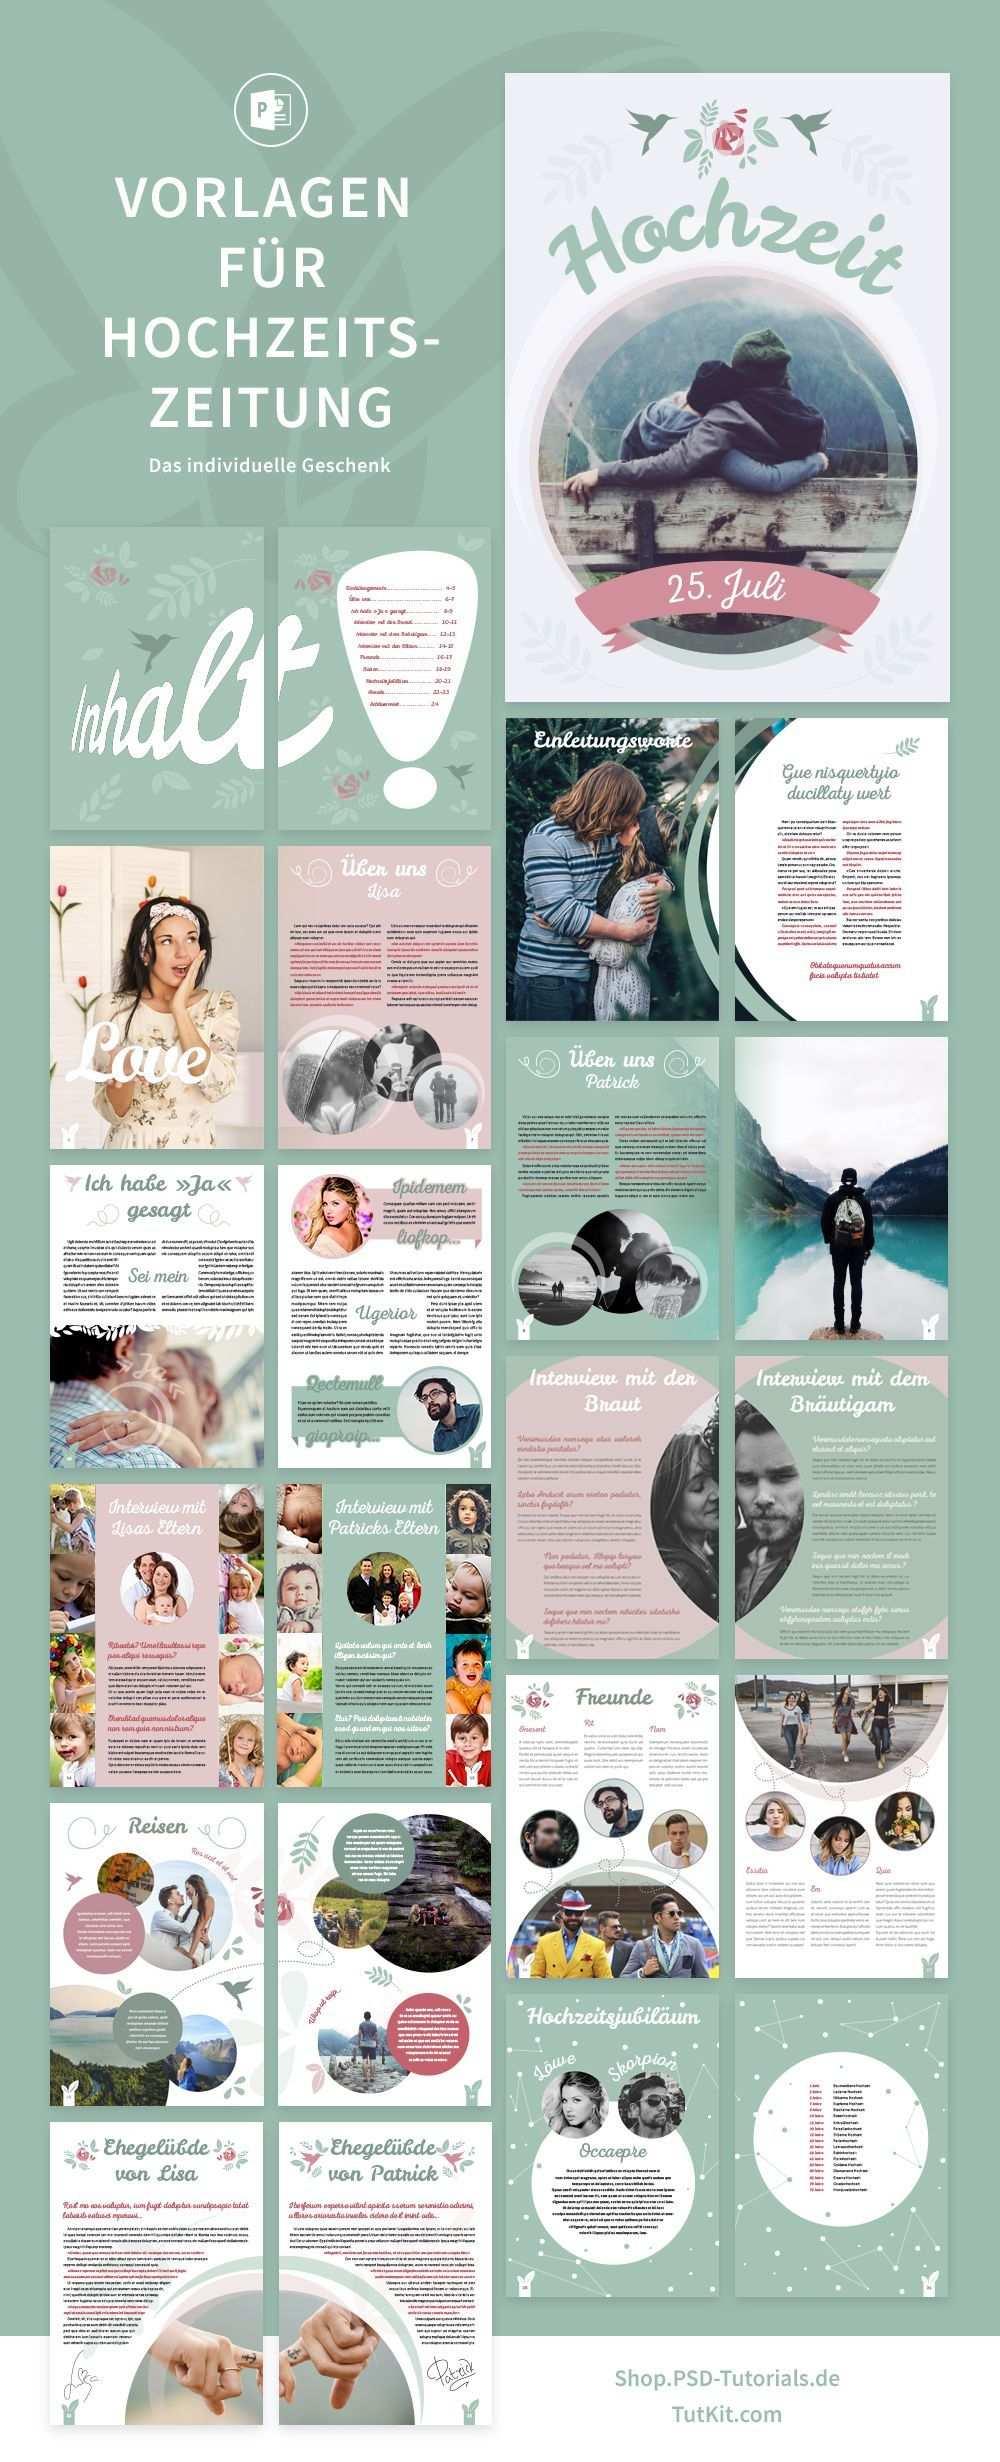 Hochzeitszeitung Vorlagen Fur Powerpoint Indesign In 2020